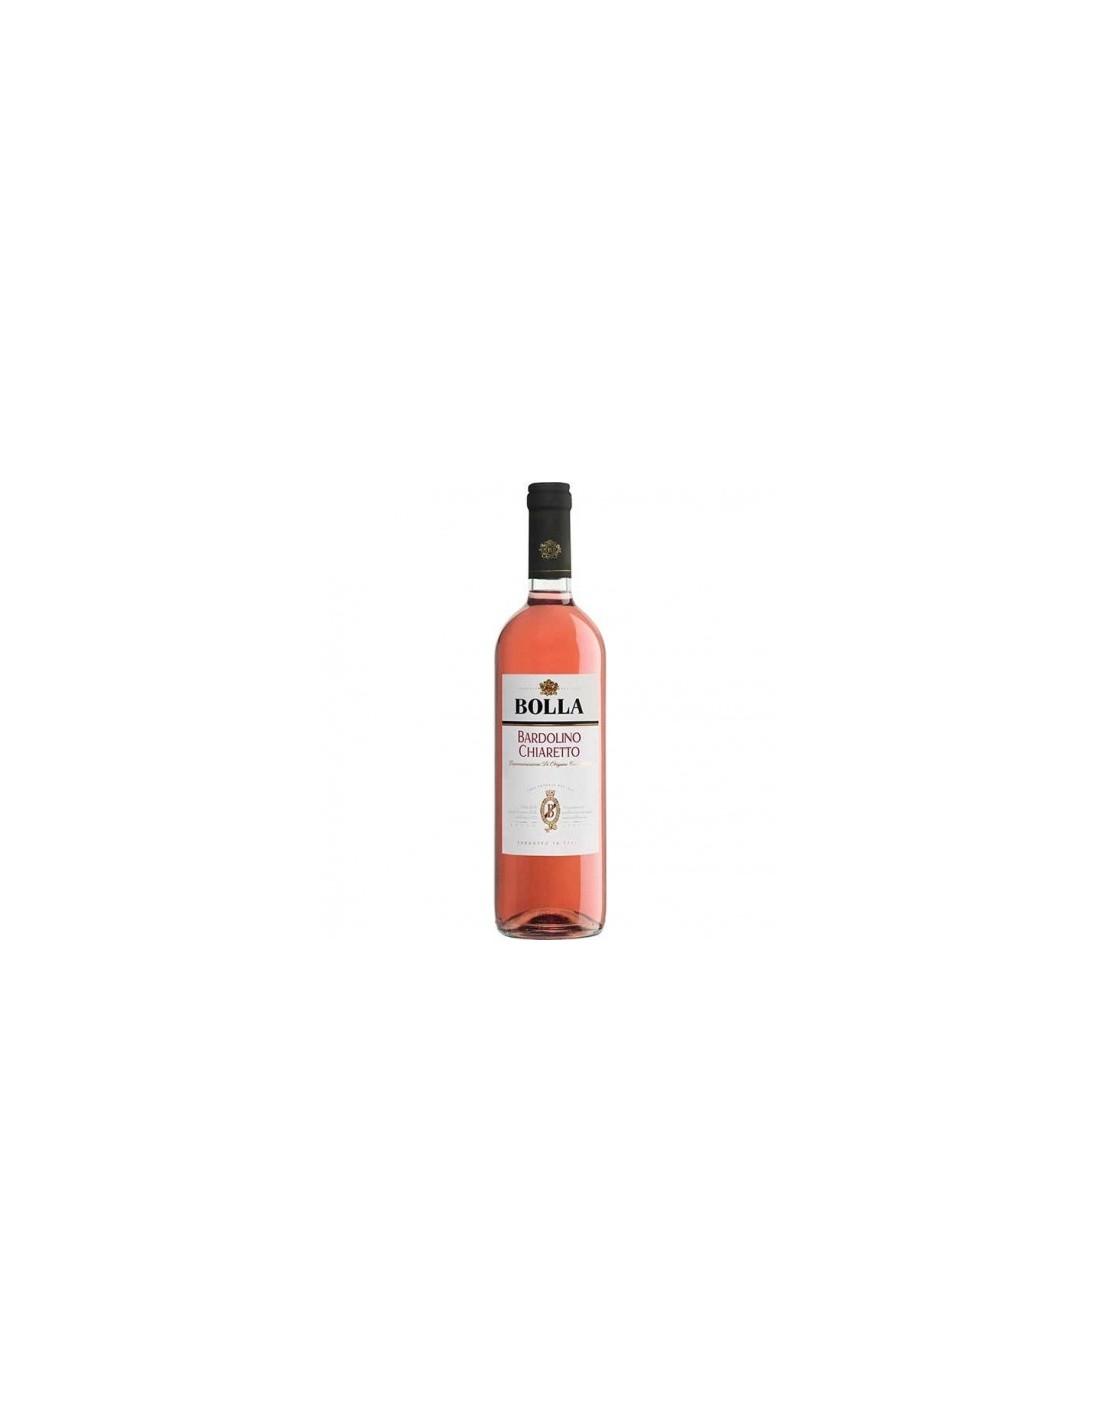 Vin roze, Cupaj, Bardolino Chiaretto, 0.75L, Italia